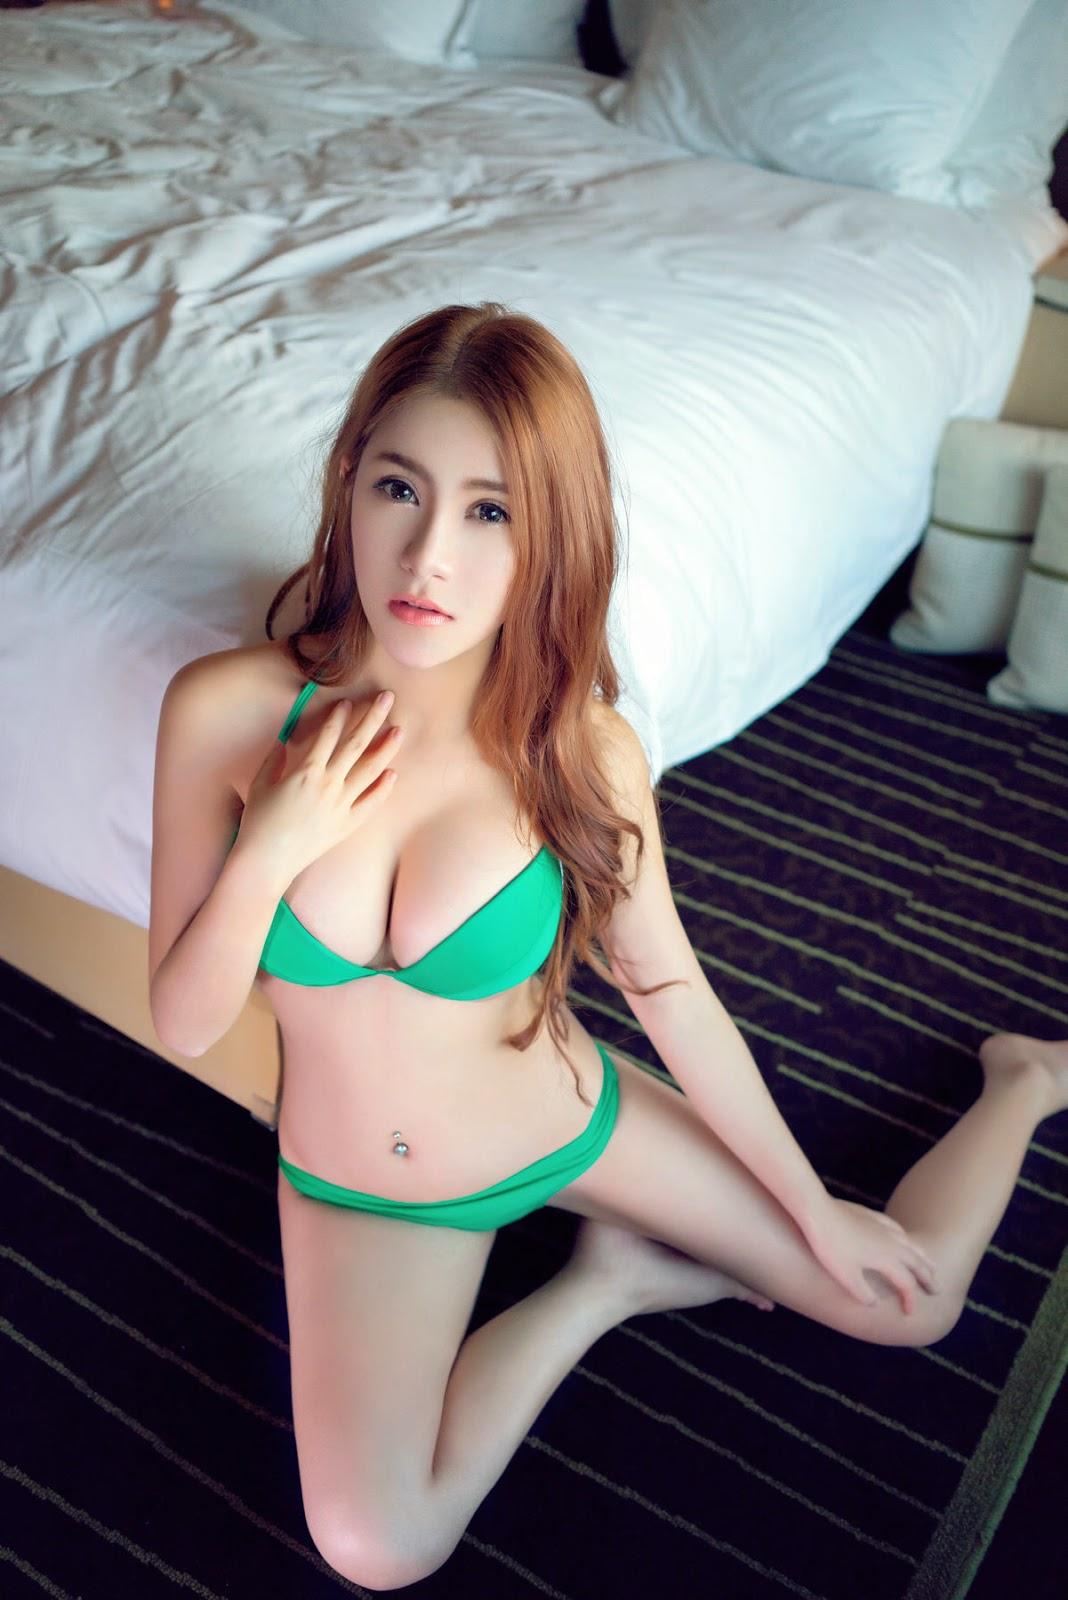 Li Qui Ci mẫu đồ lót cực khủng 9